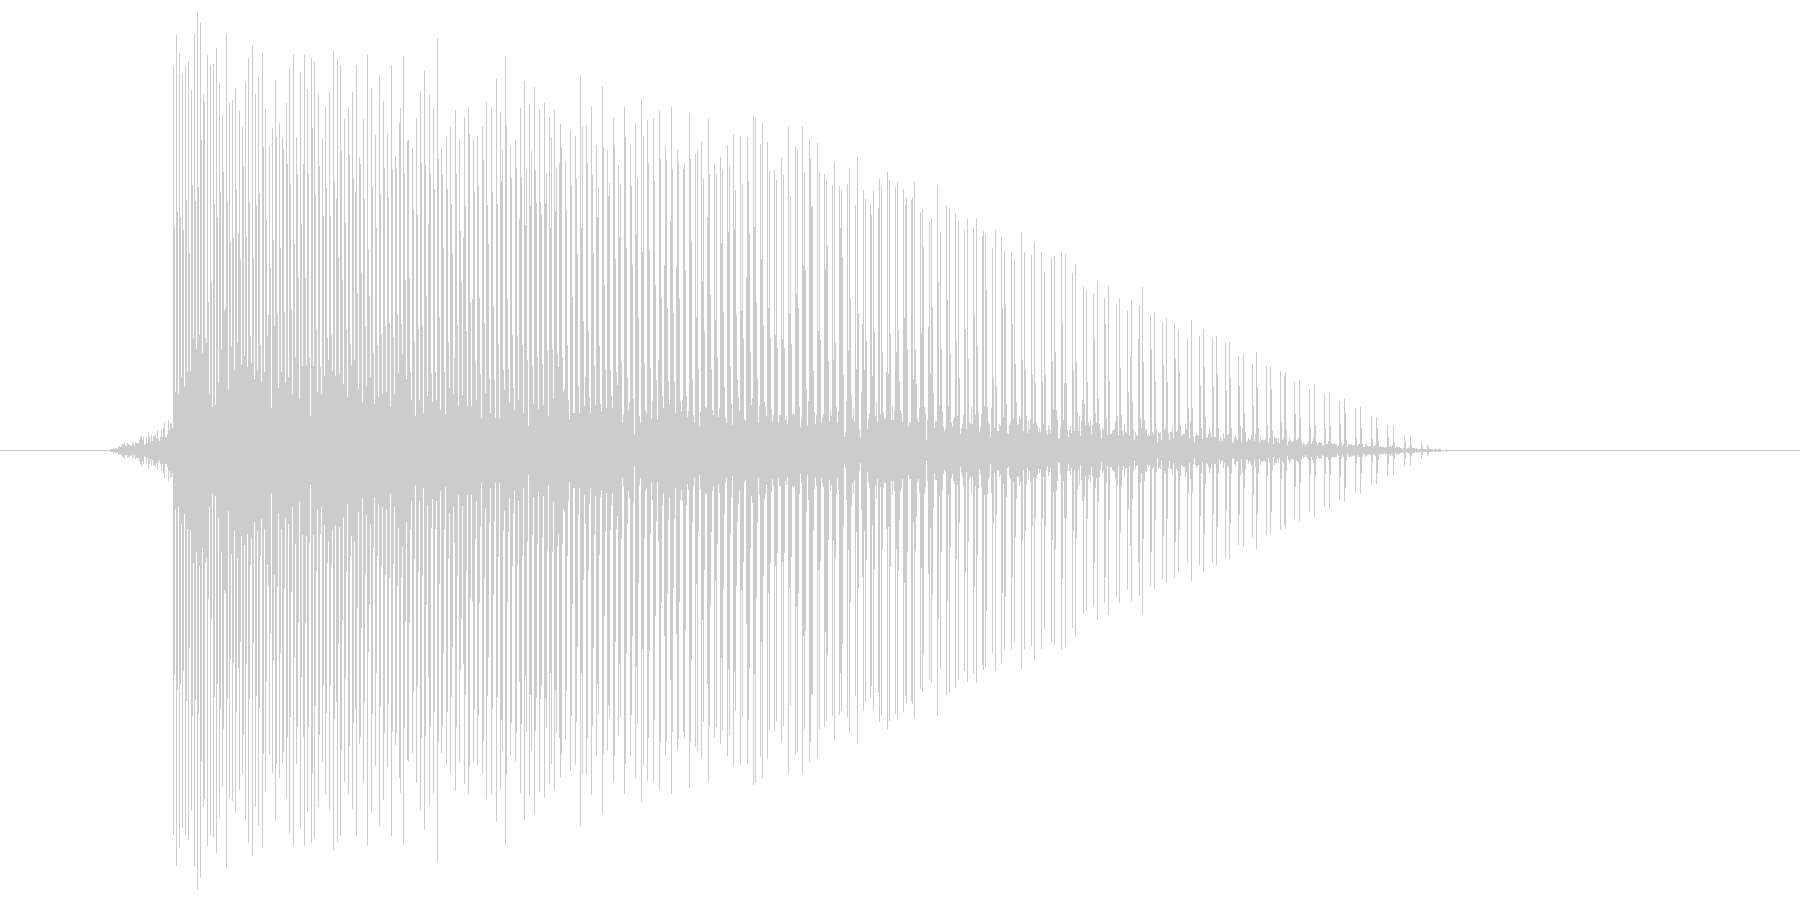 ゲーム(ファミコン風)レーザー音_007の未再生の波形